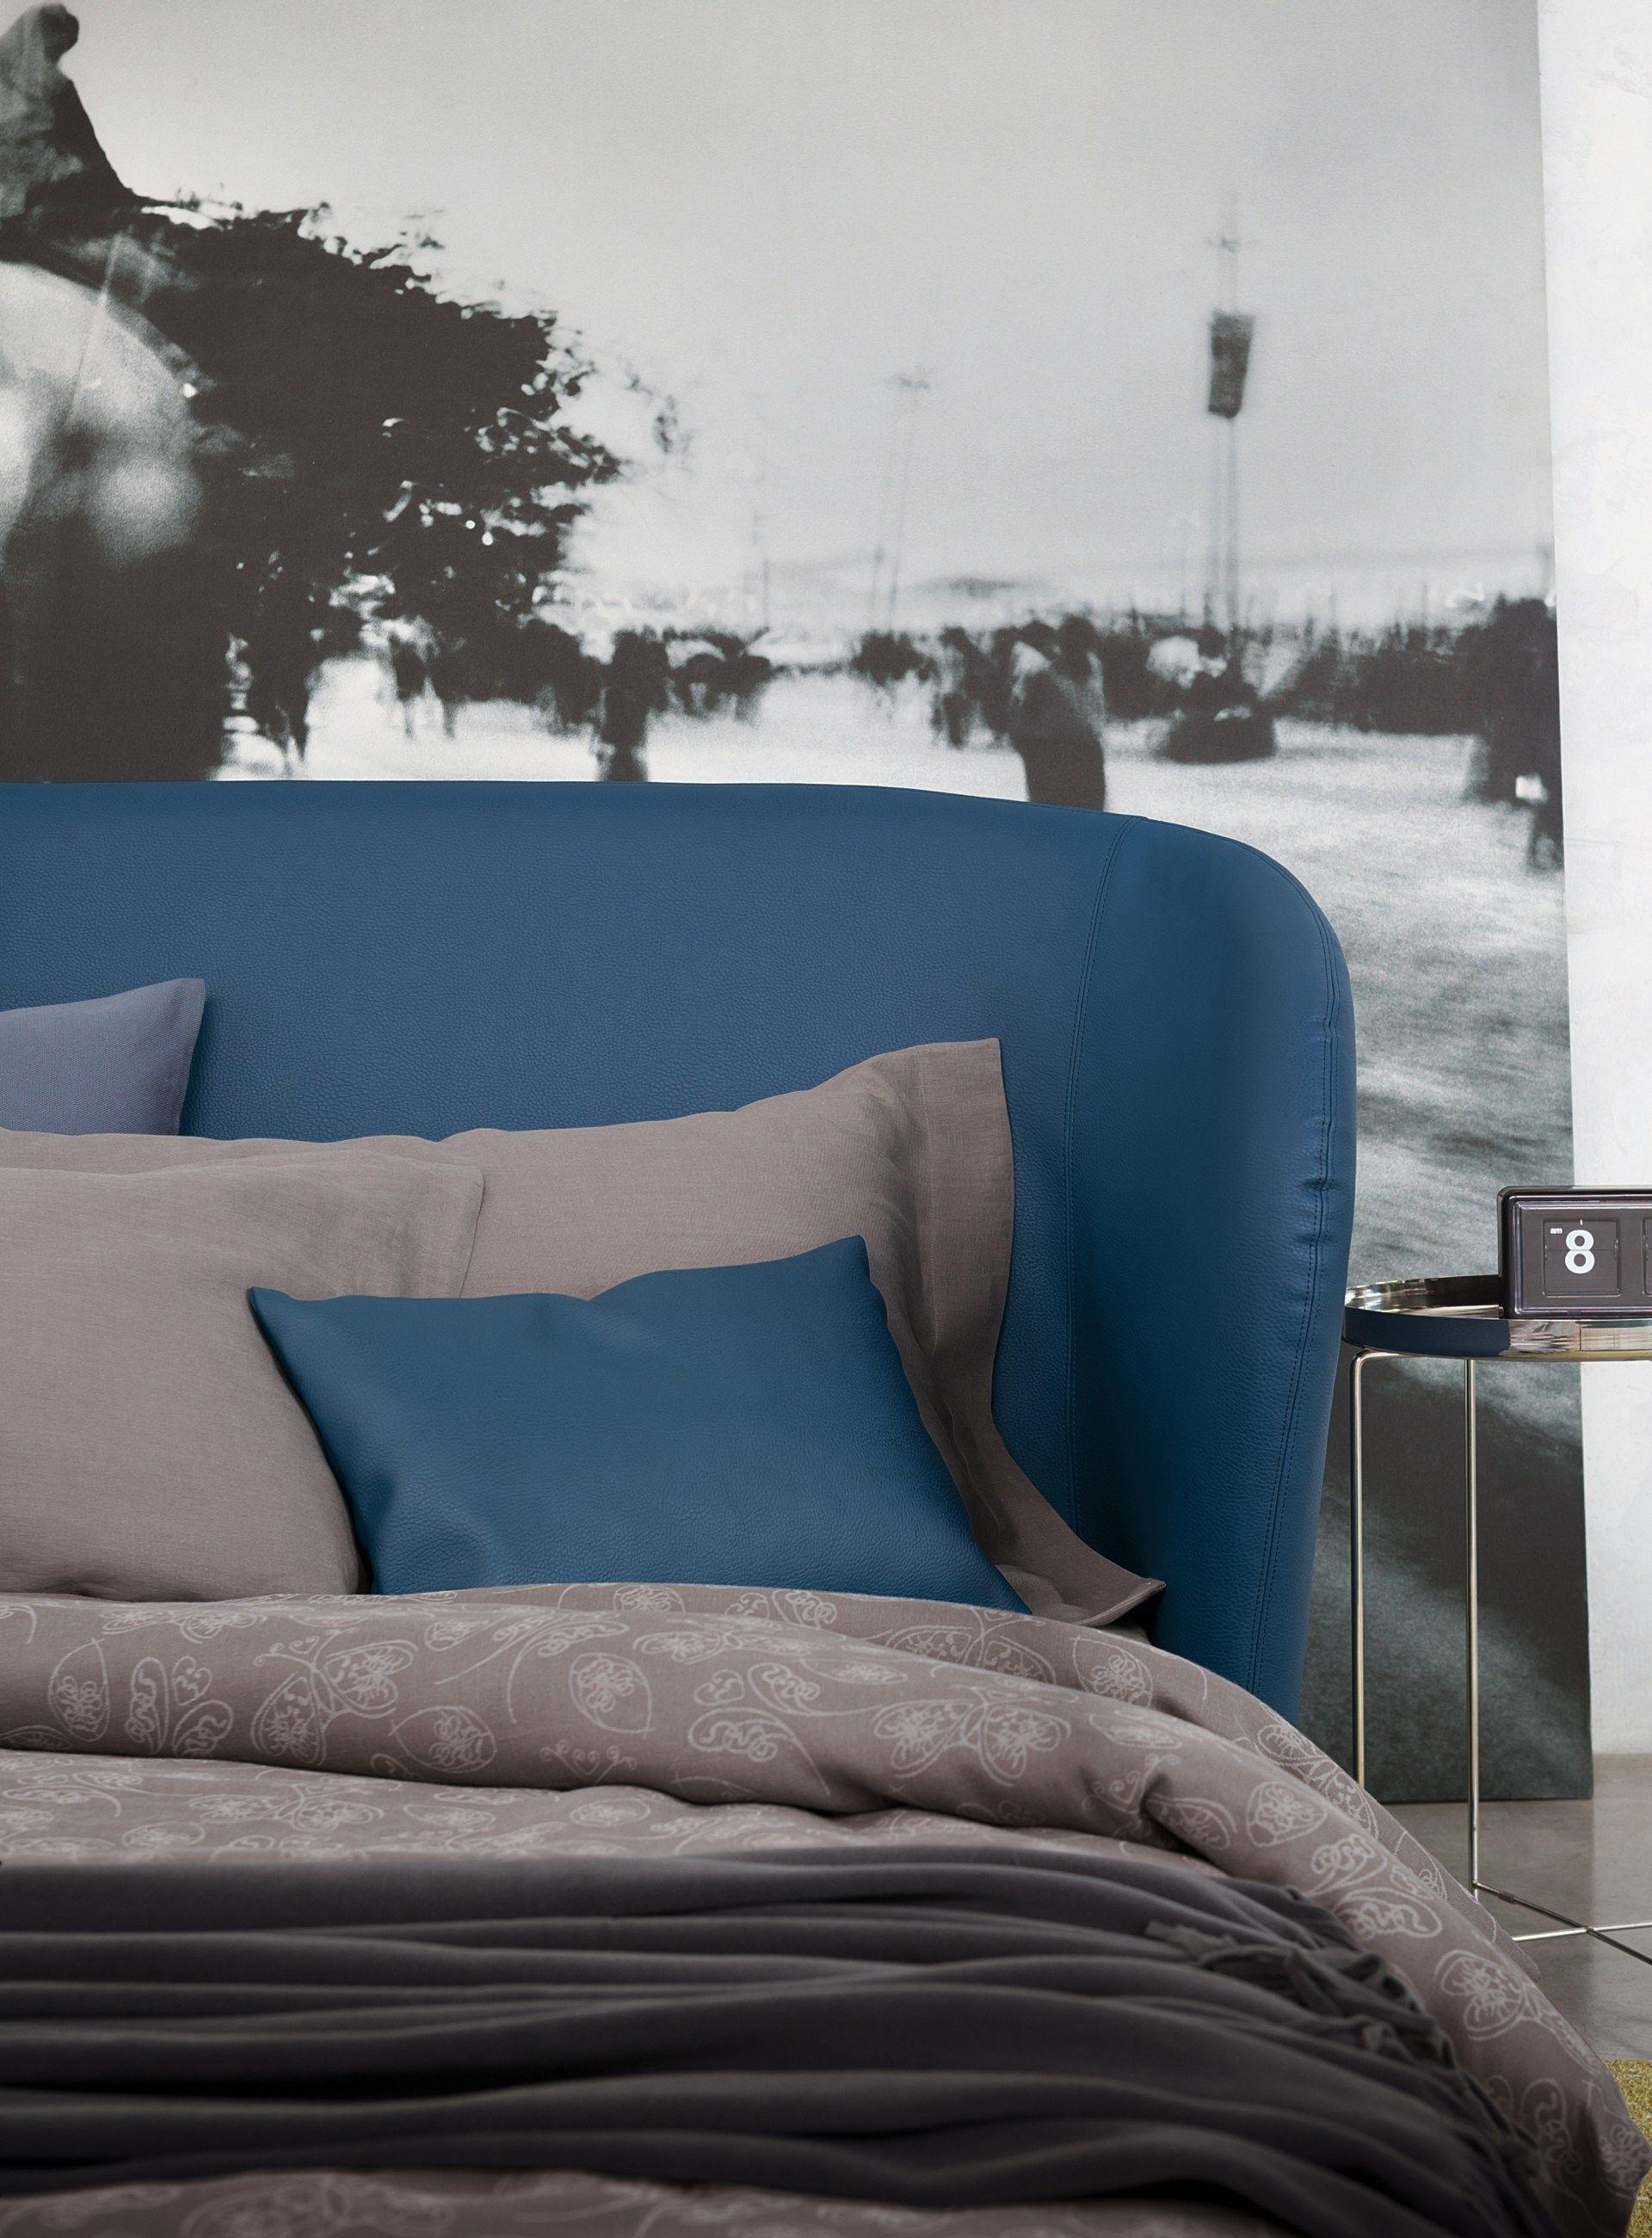 CÉline Sofa Bed By Flou Design Riccardo Giovanetti